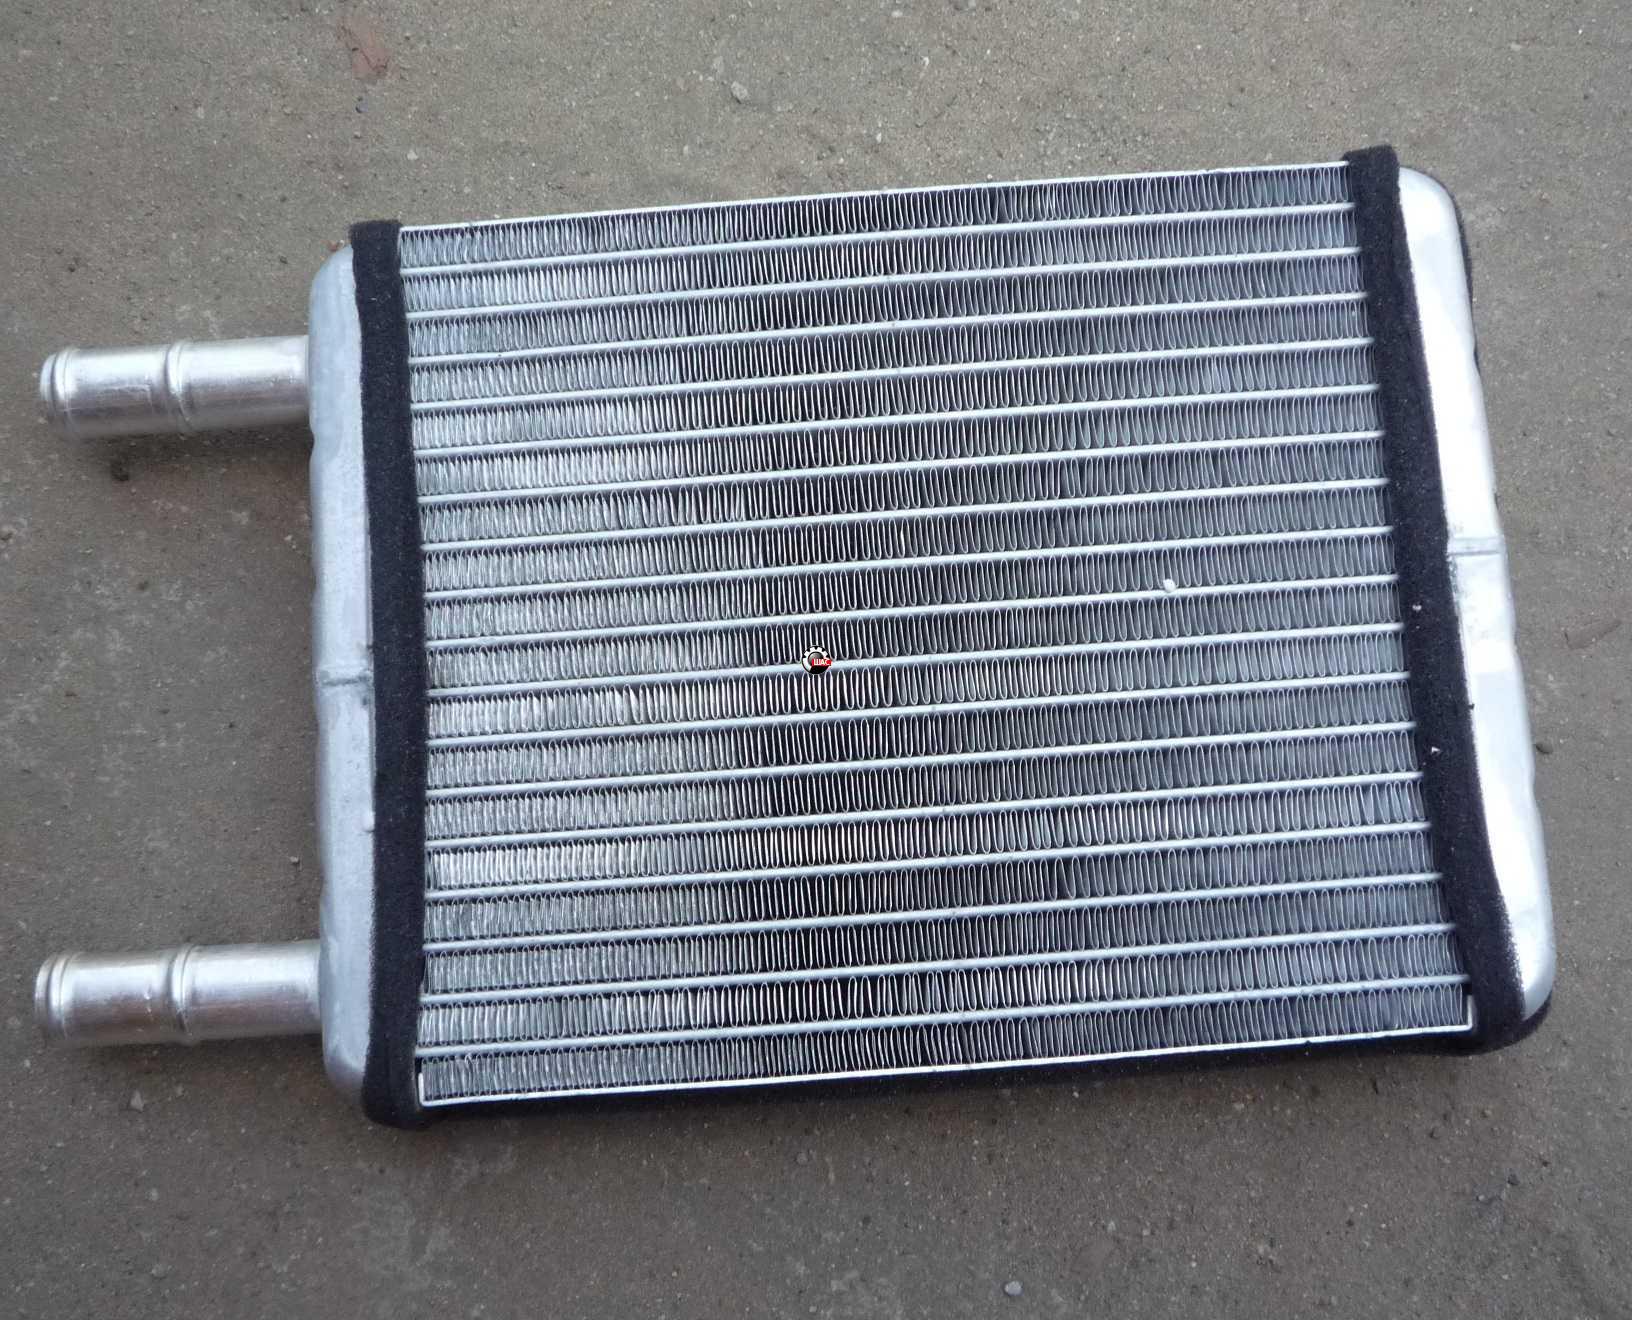 Dong-Feng DF25 (Донг Фенг) 1032/Богдан 25 Радиатор отопителя